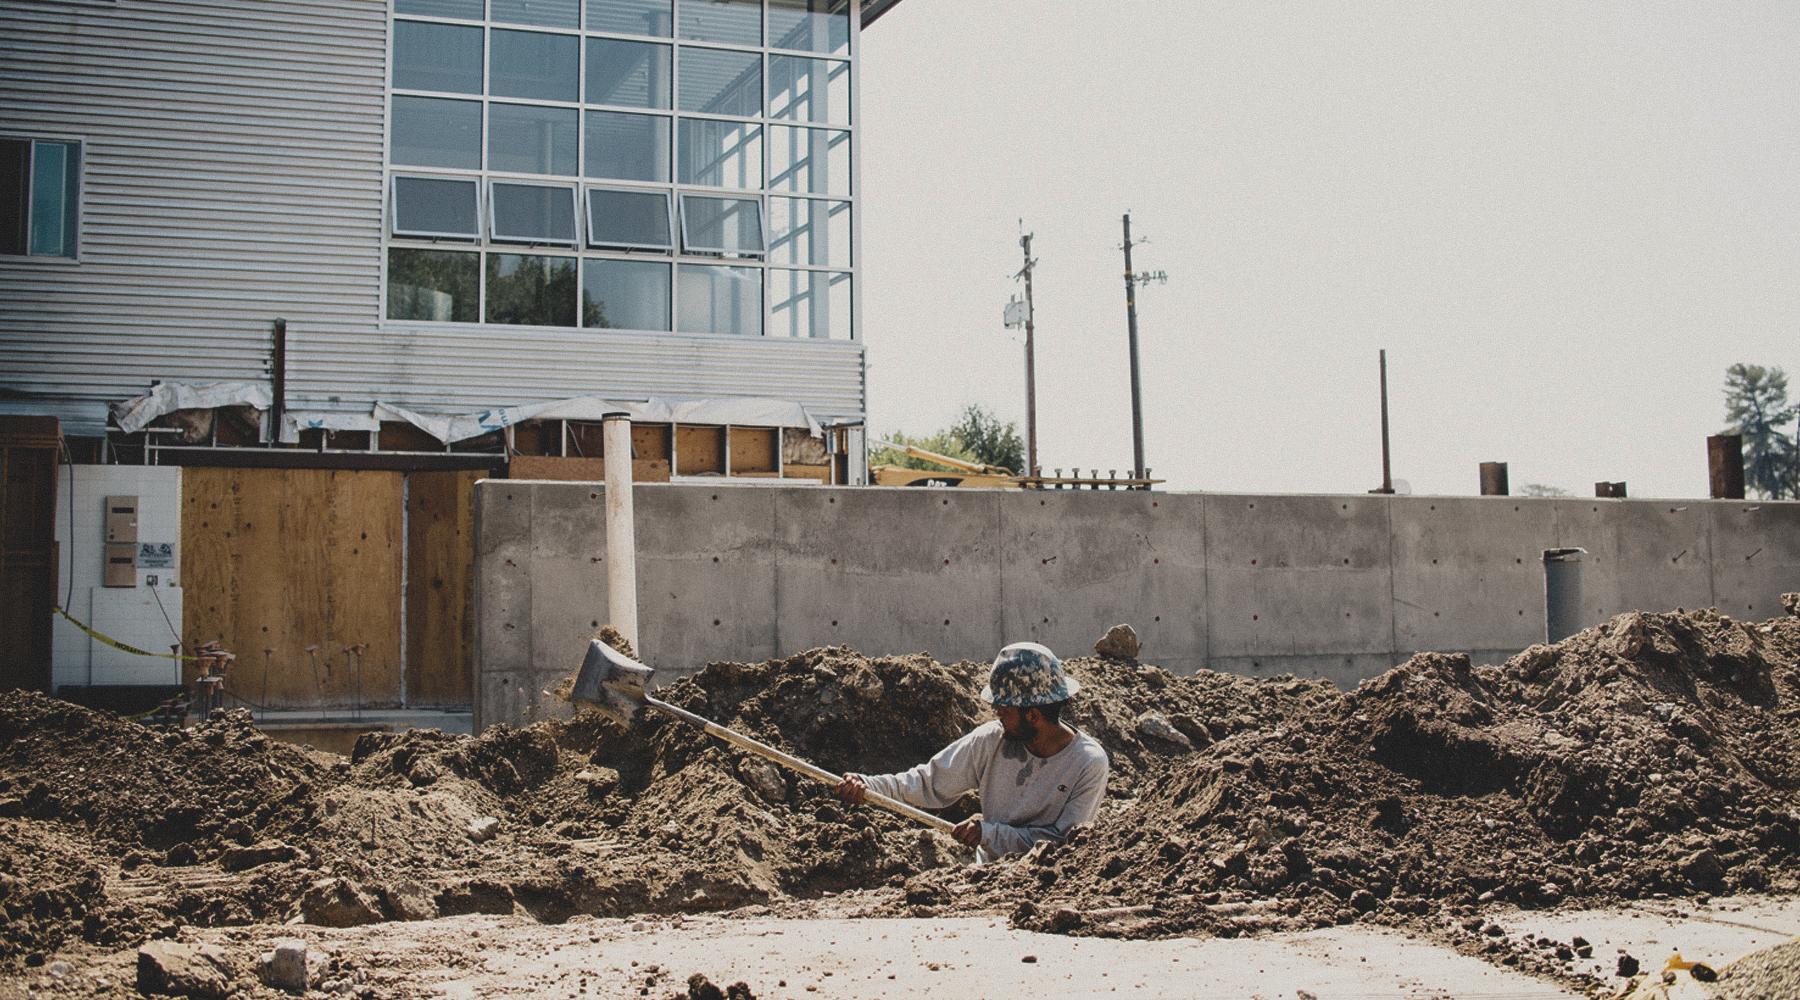 man digging in dirt.